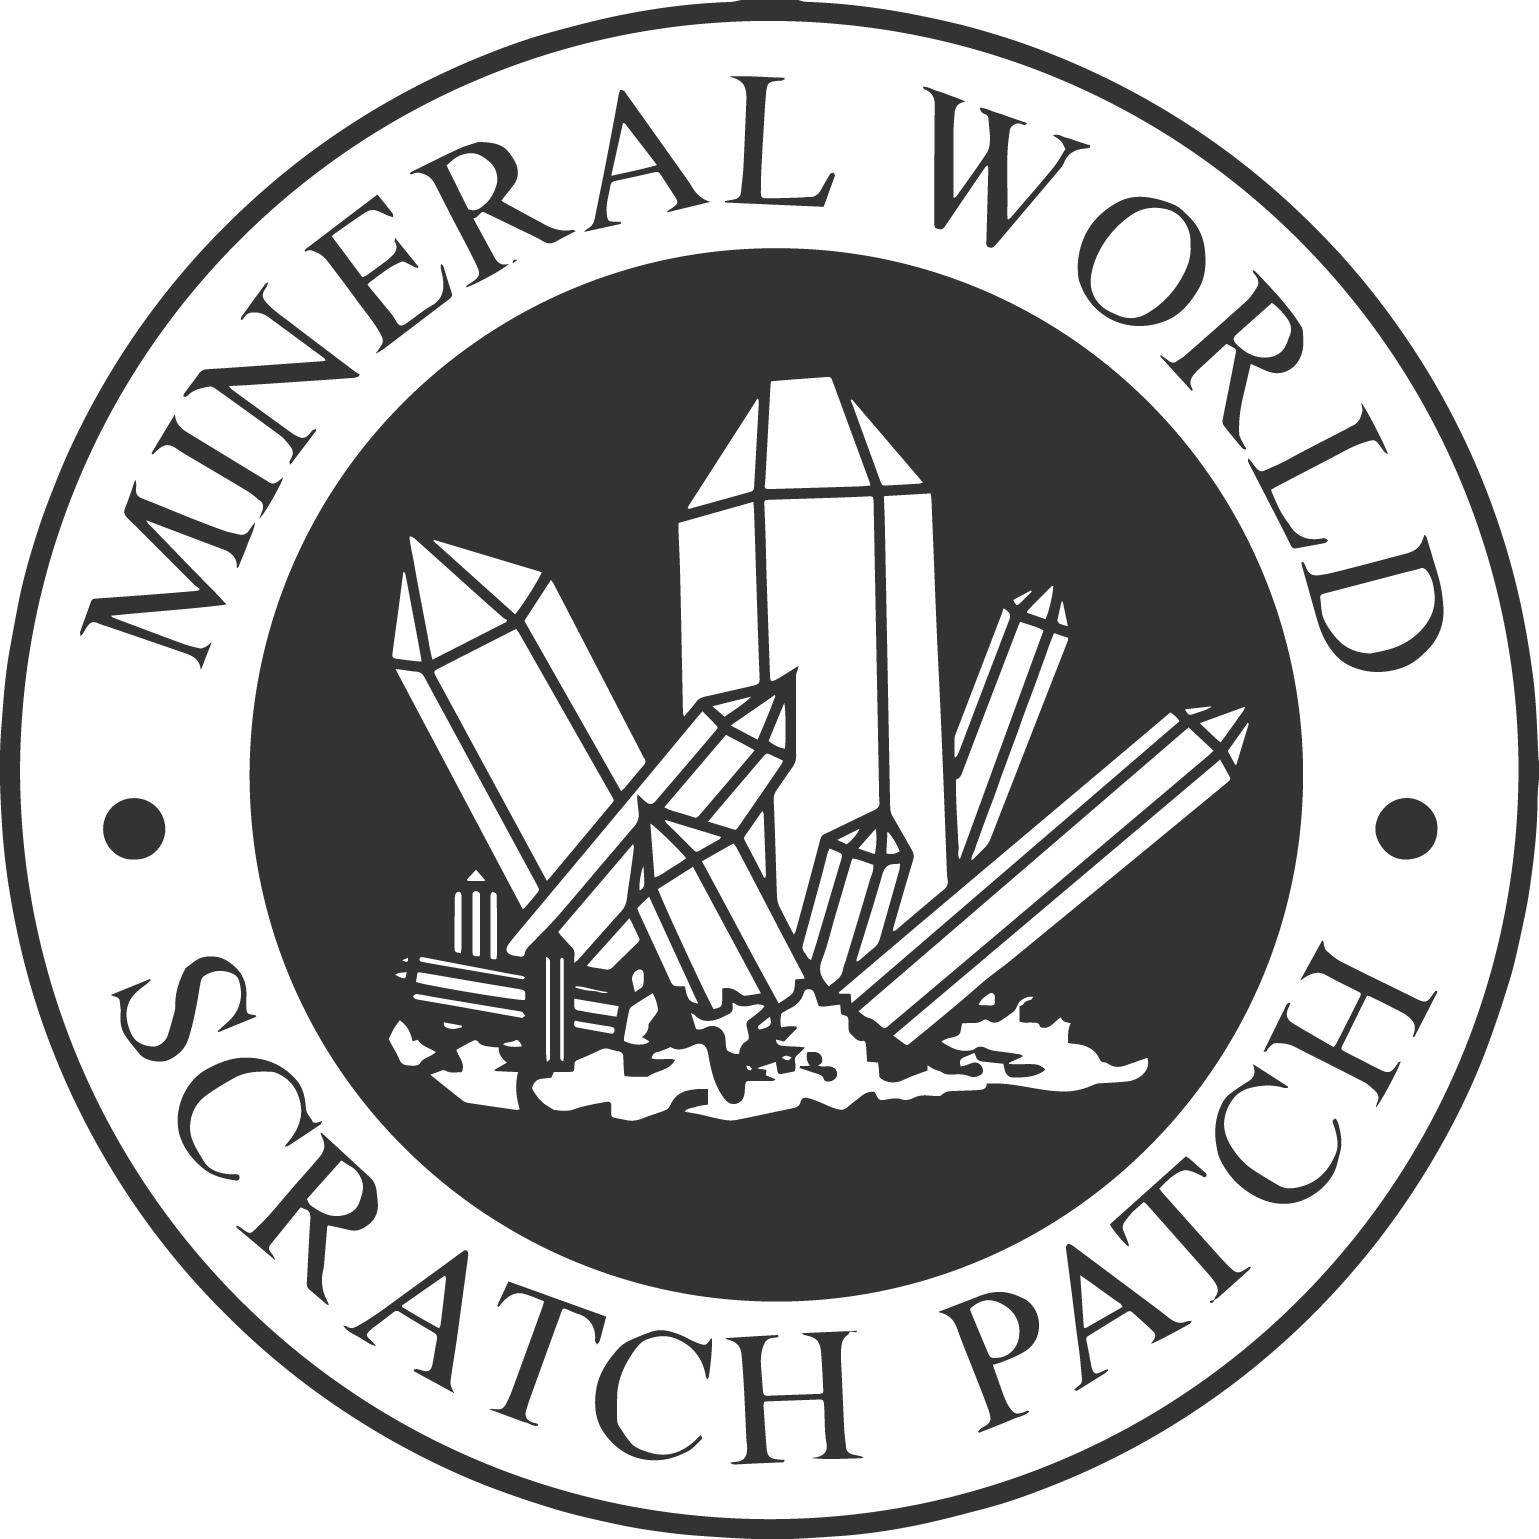 Scratch Patch